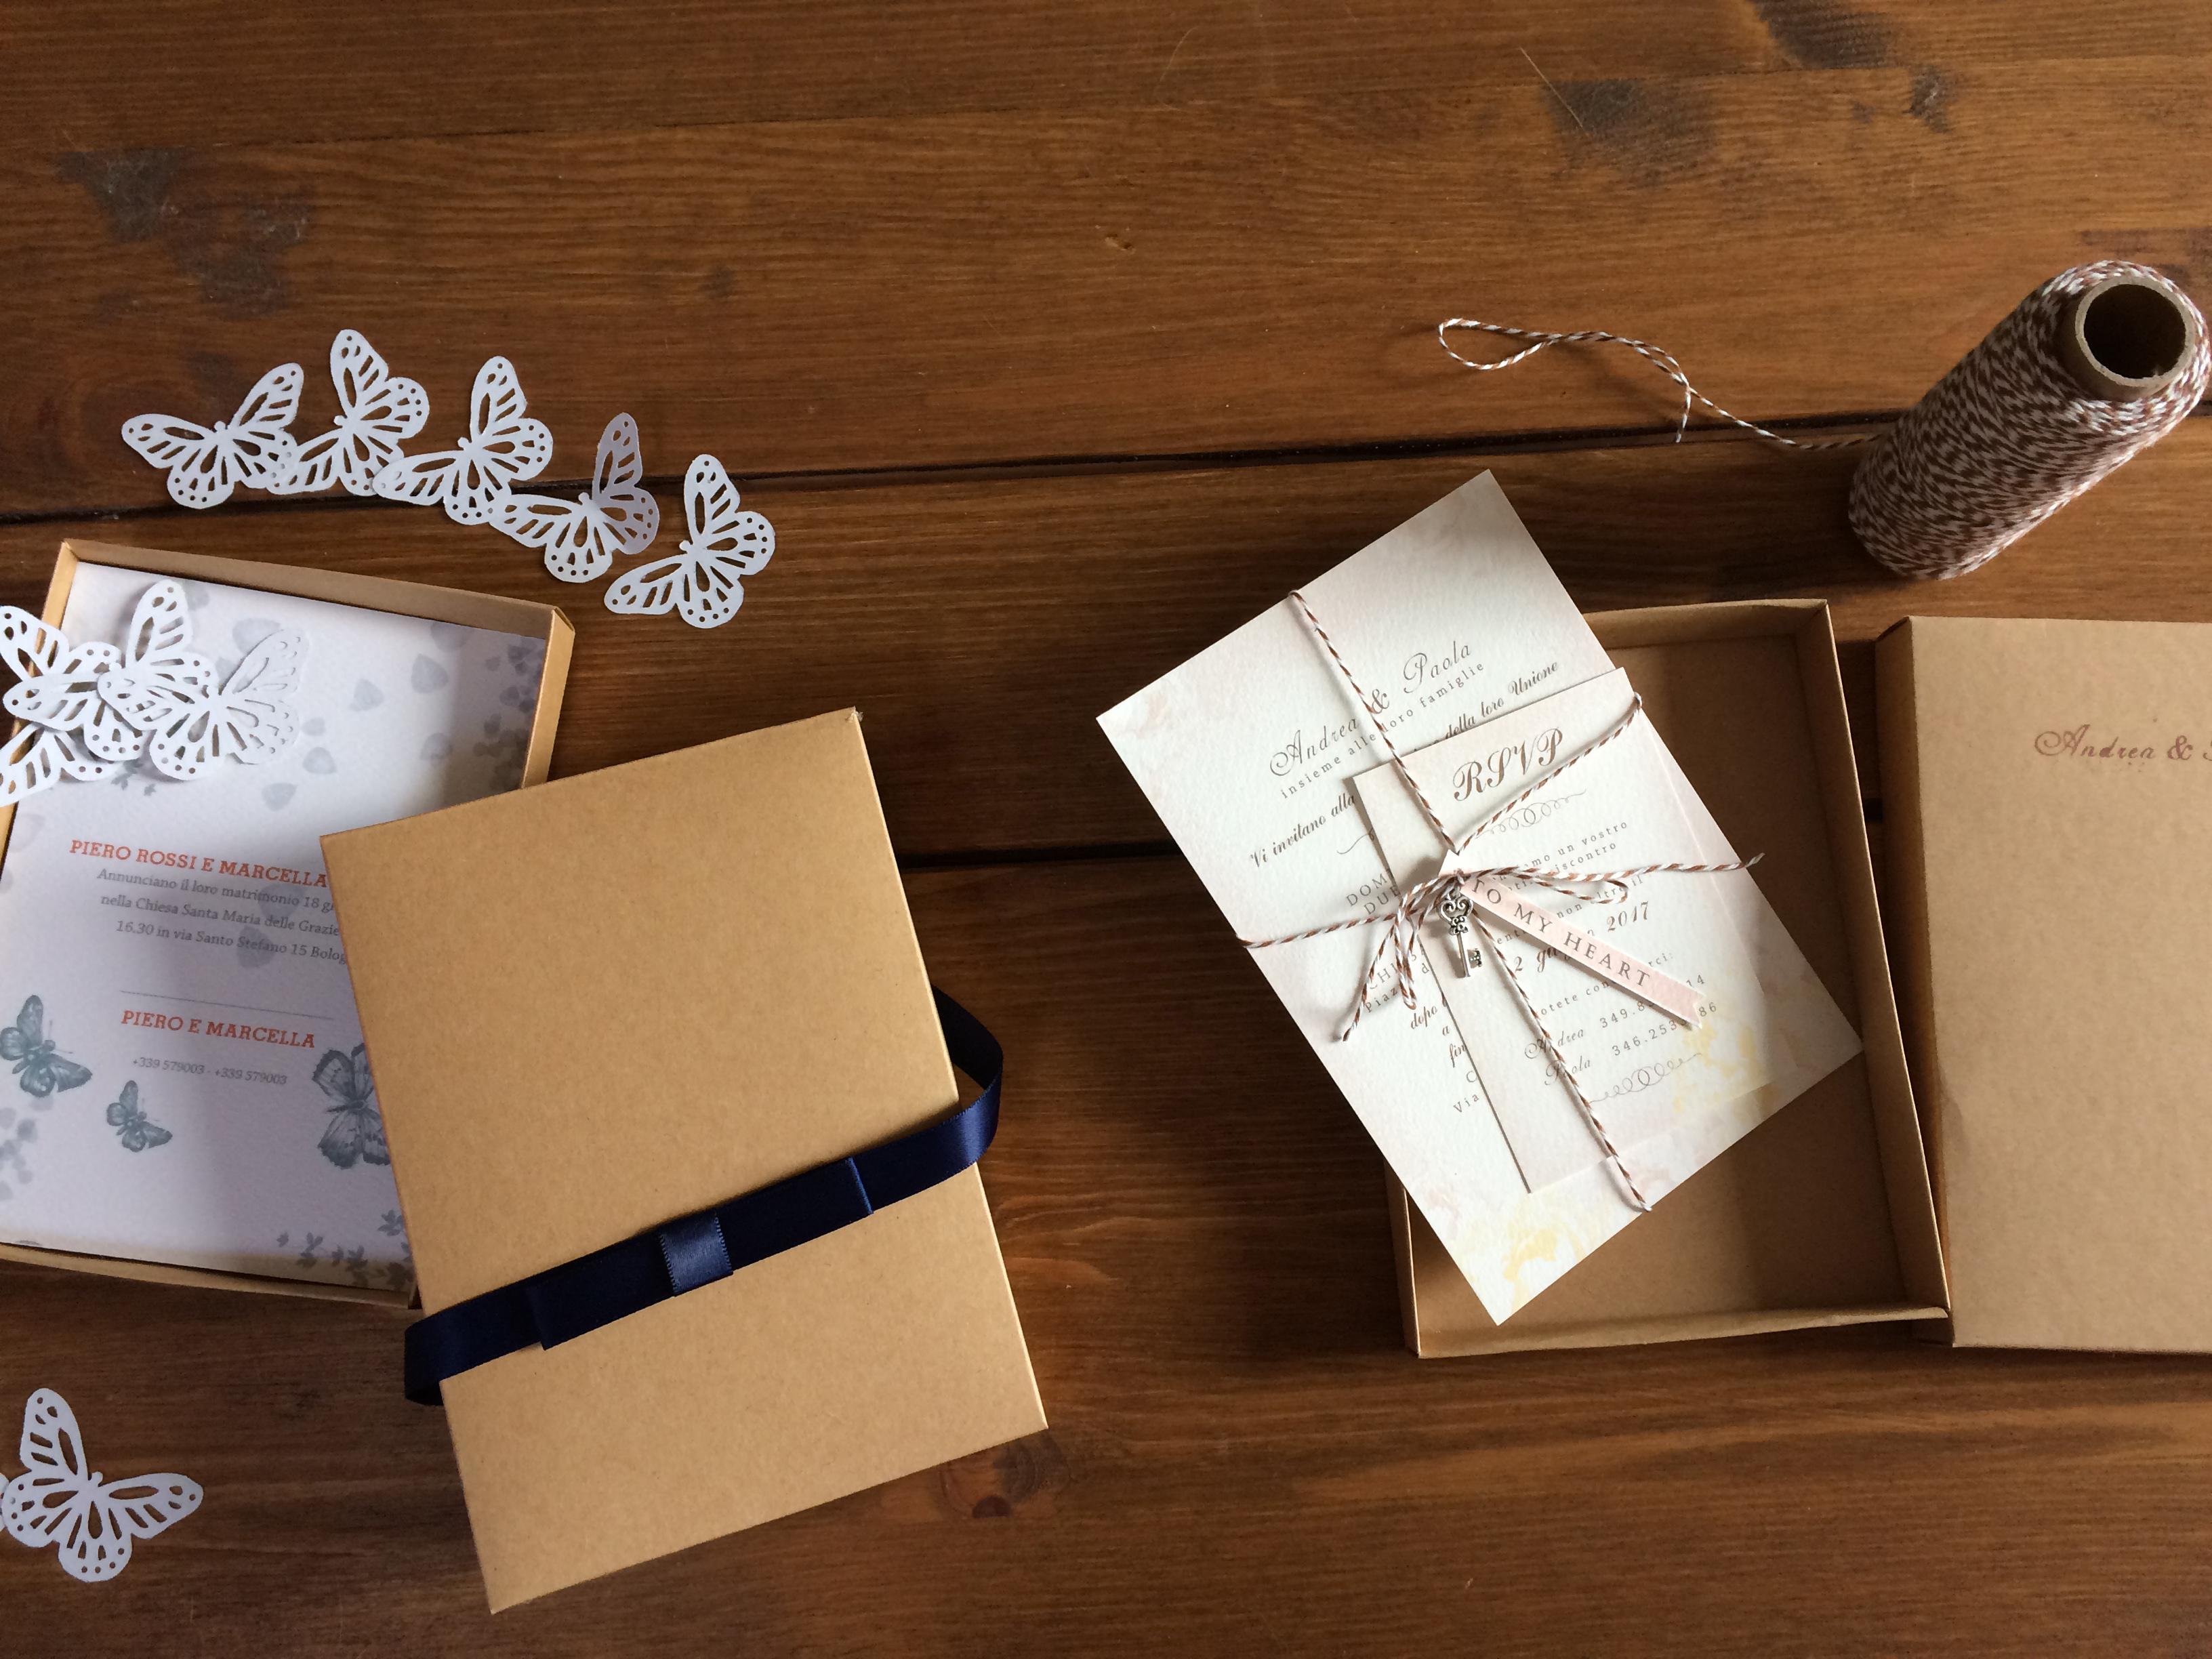 partecipazioni nozze in scatola stile farfalle e stile chiave